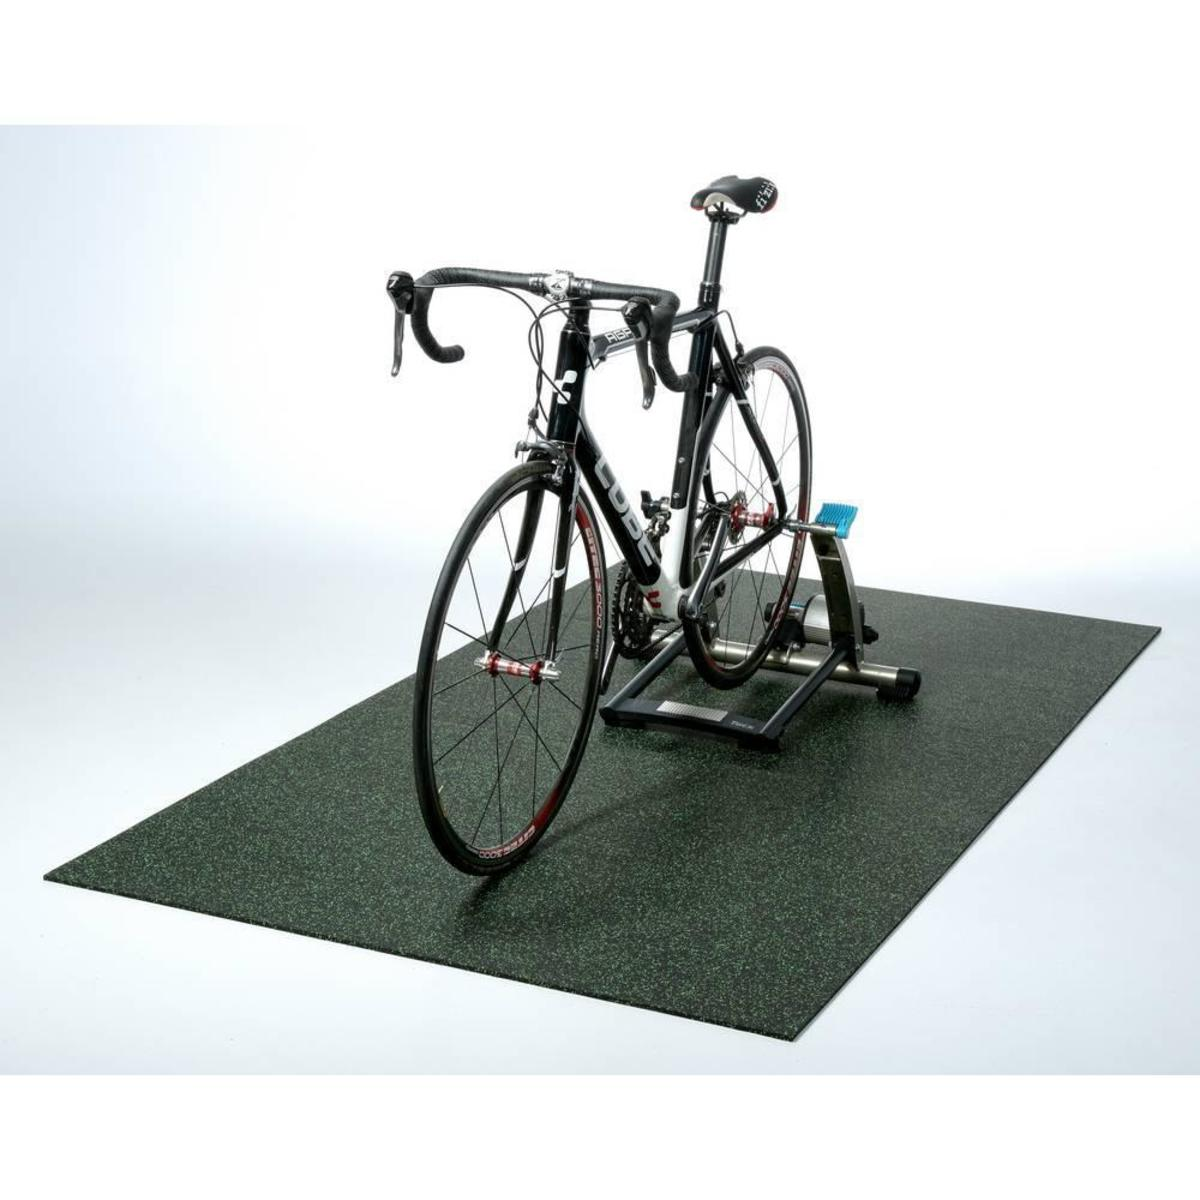 Bild 4 von acerto® Unterlegmatte für Fitnessgeräte 60x125cm (8mm) lila weiß